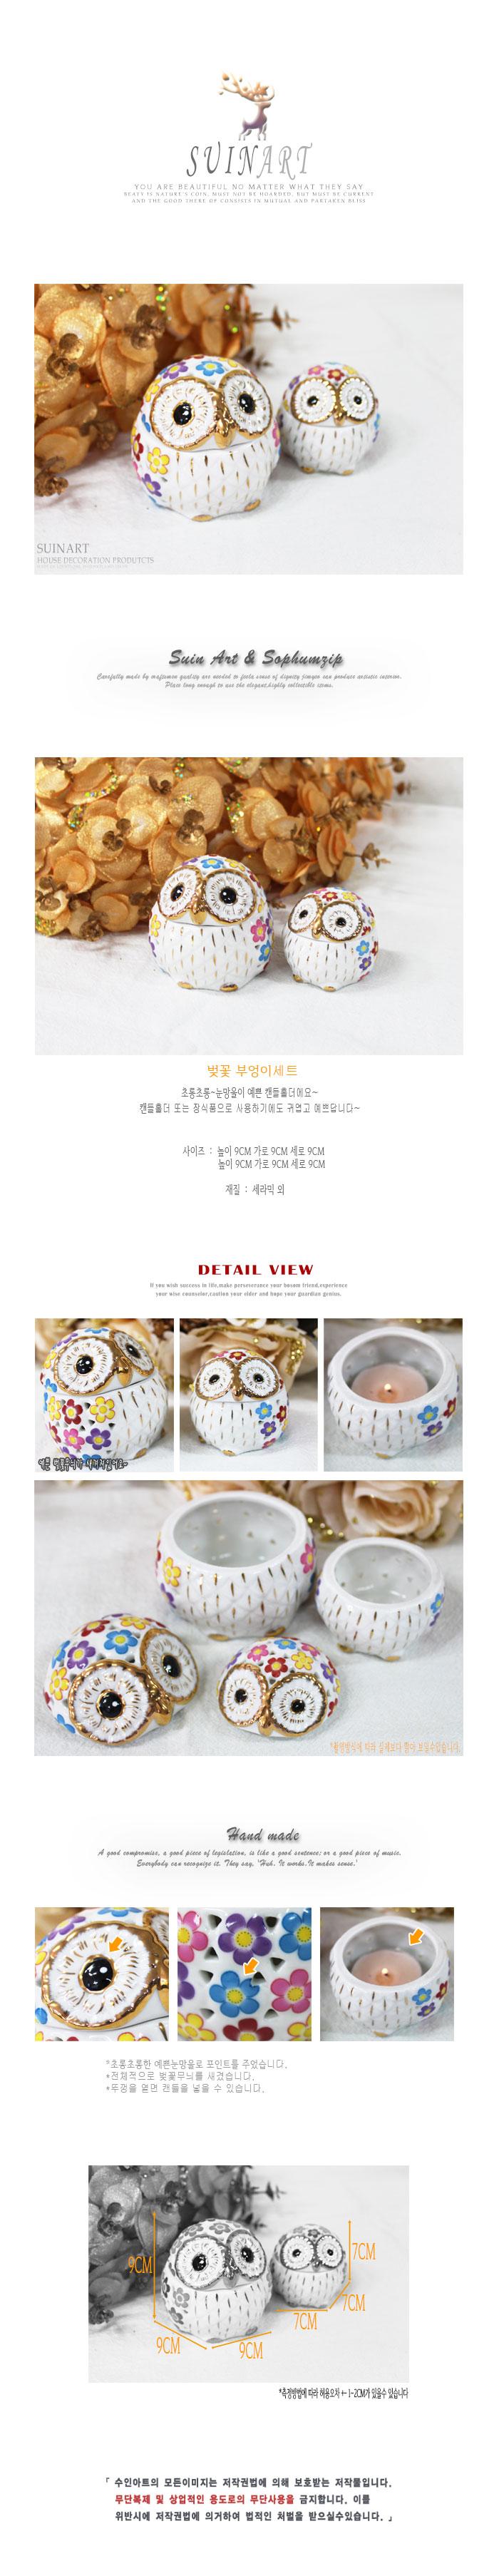 벚꽃부엉이세트 - 수인아트, 38,000원, 캔들, 캔들홀더/소품